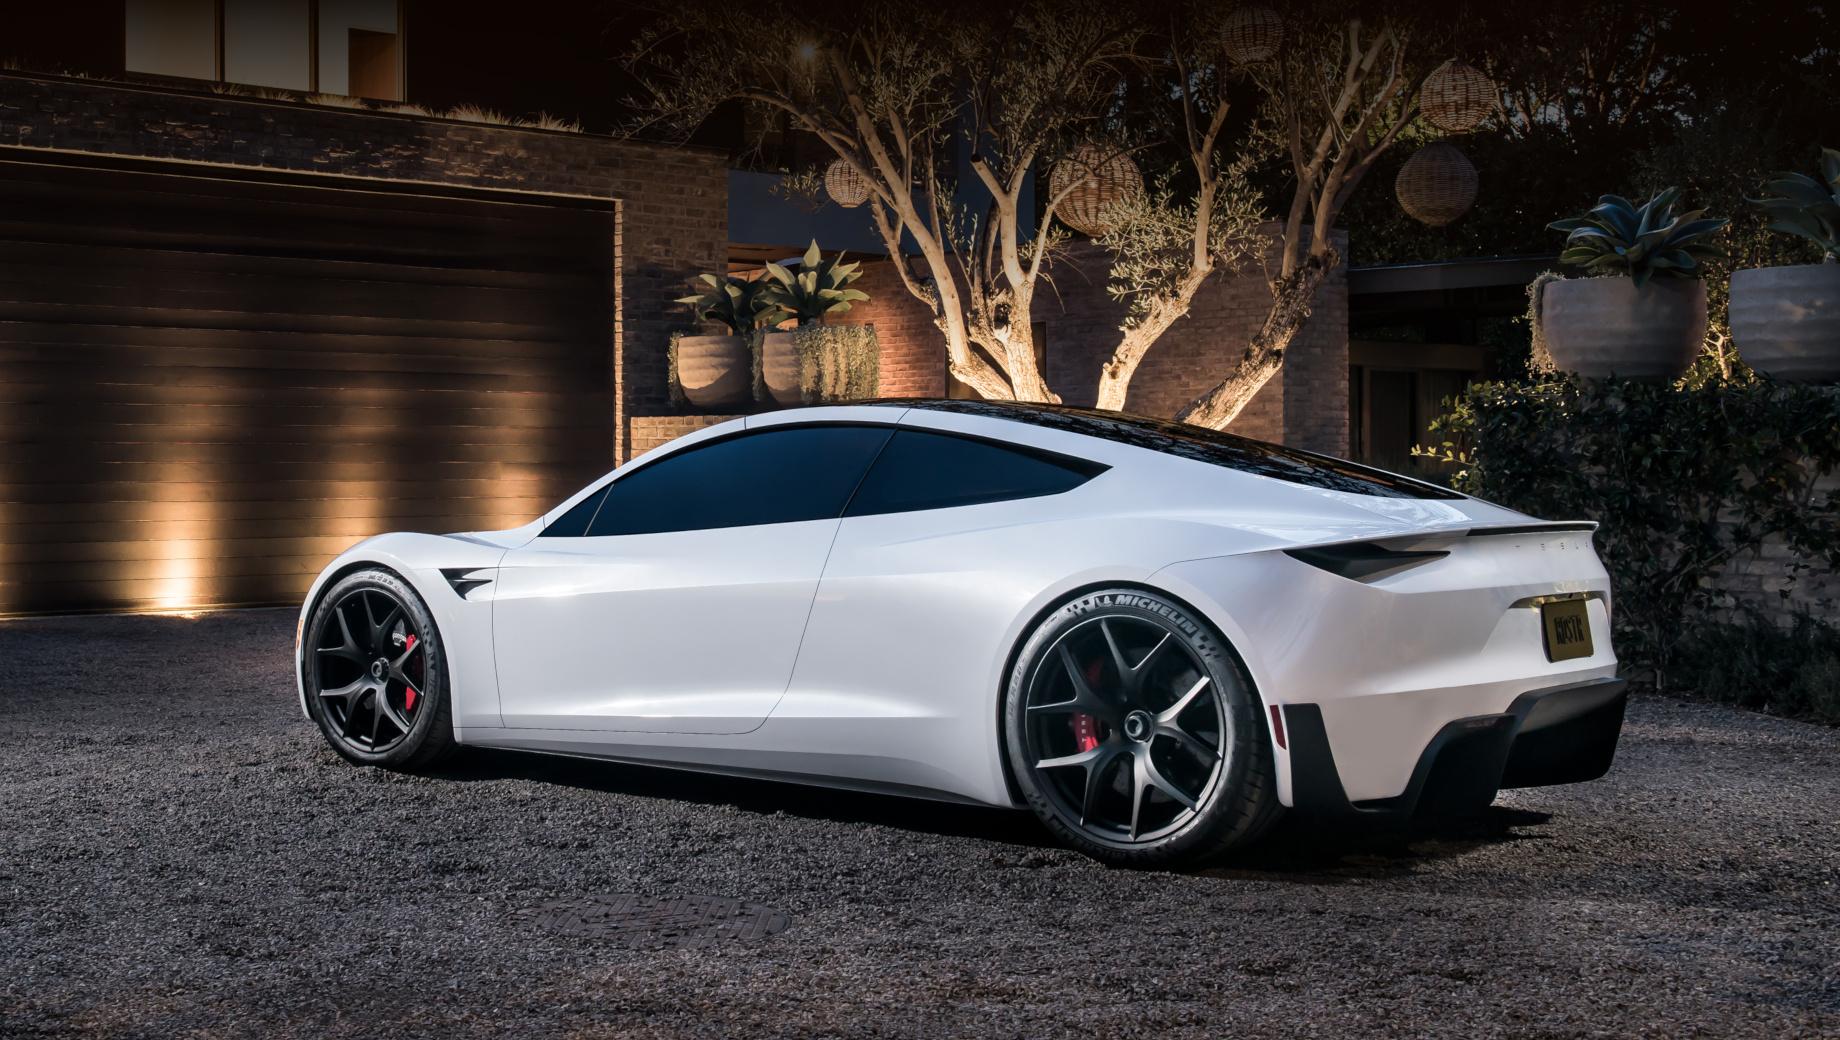 Tesla roadster. Прототип Теслы Roadster обладал кузовом тарга (со съёмной центральной секцией крыши). У модели один электромотор спереди и два сзади. Разгон с нуля до 60 миль/ч (97 км/ч) занимает 1,9 с, батарея на 200 кВт•ч должна обеспечить пробег в 1000 км. Цена базовой версии — $200 000 (14,7 млн рублей).